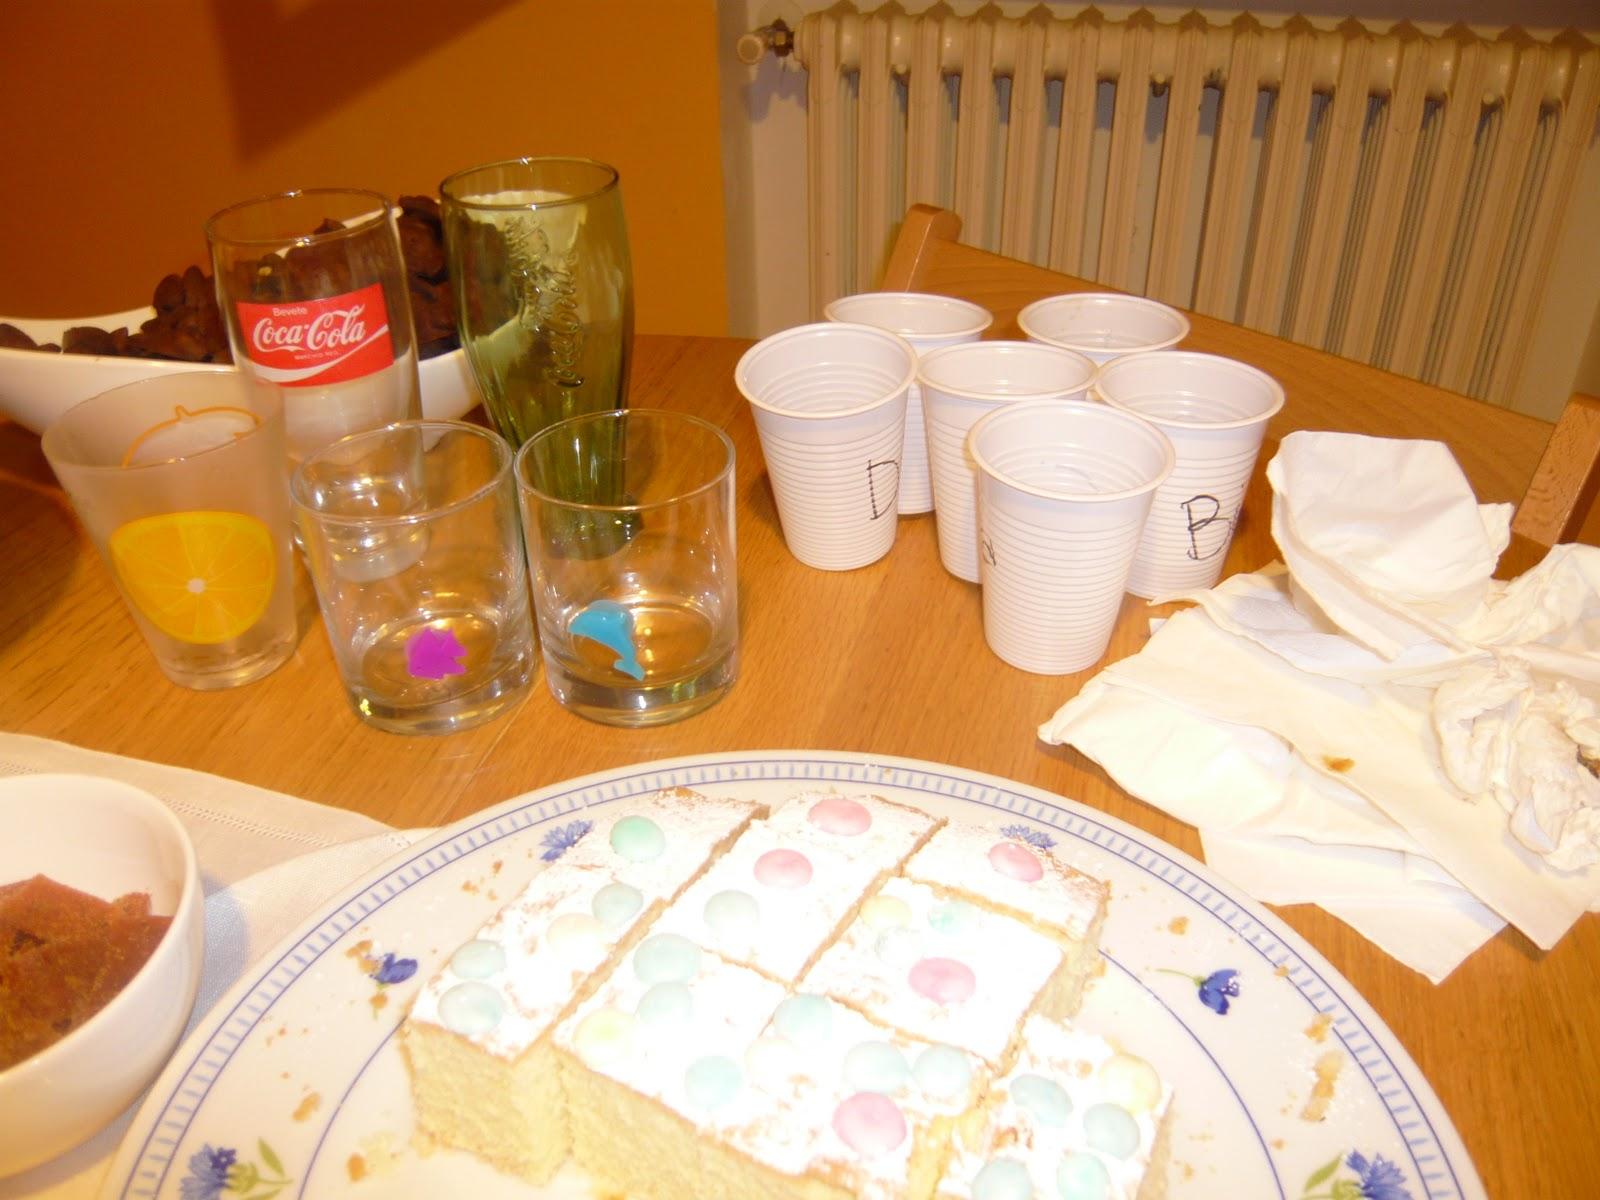 Bicchieri piatti e posate per party for Piatti e bicchieri per feste bambini